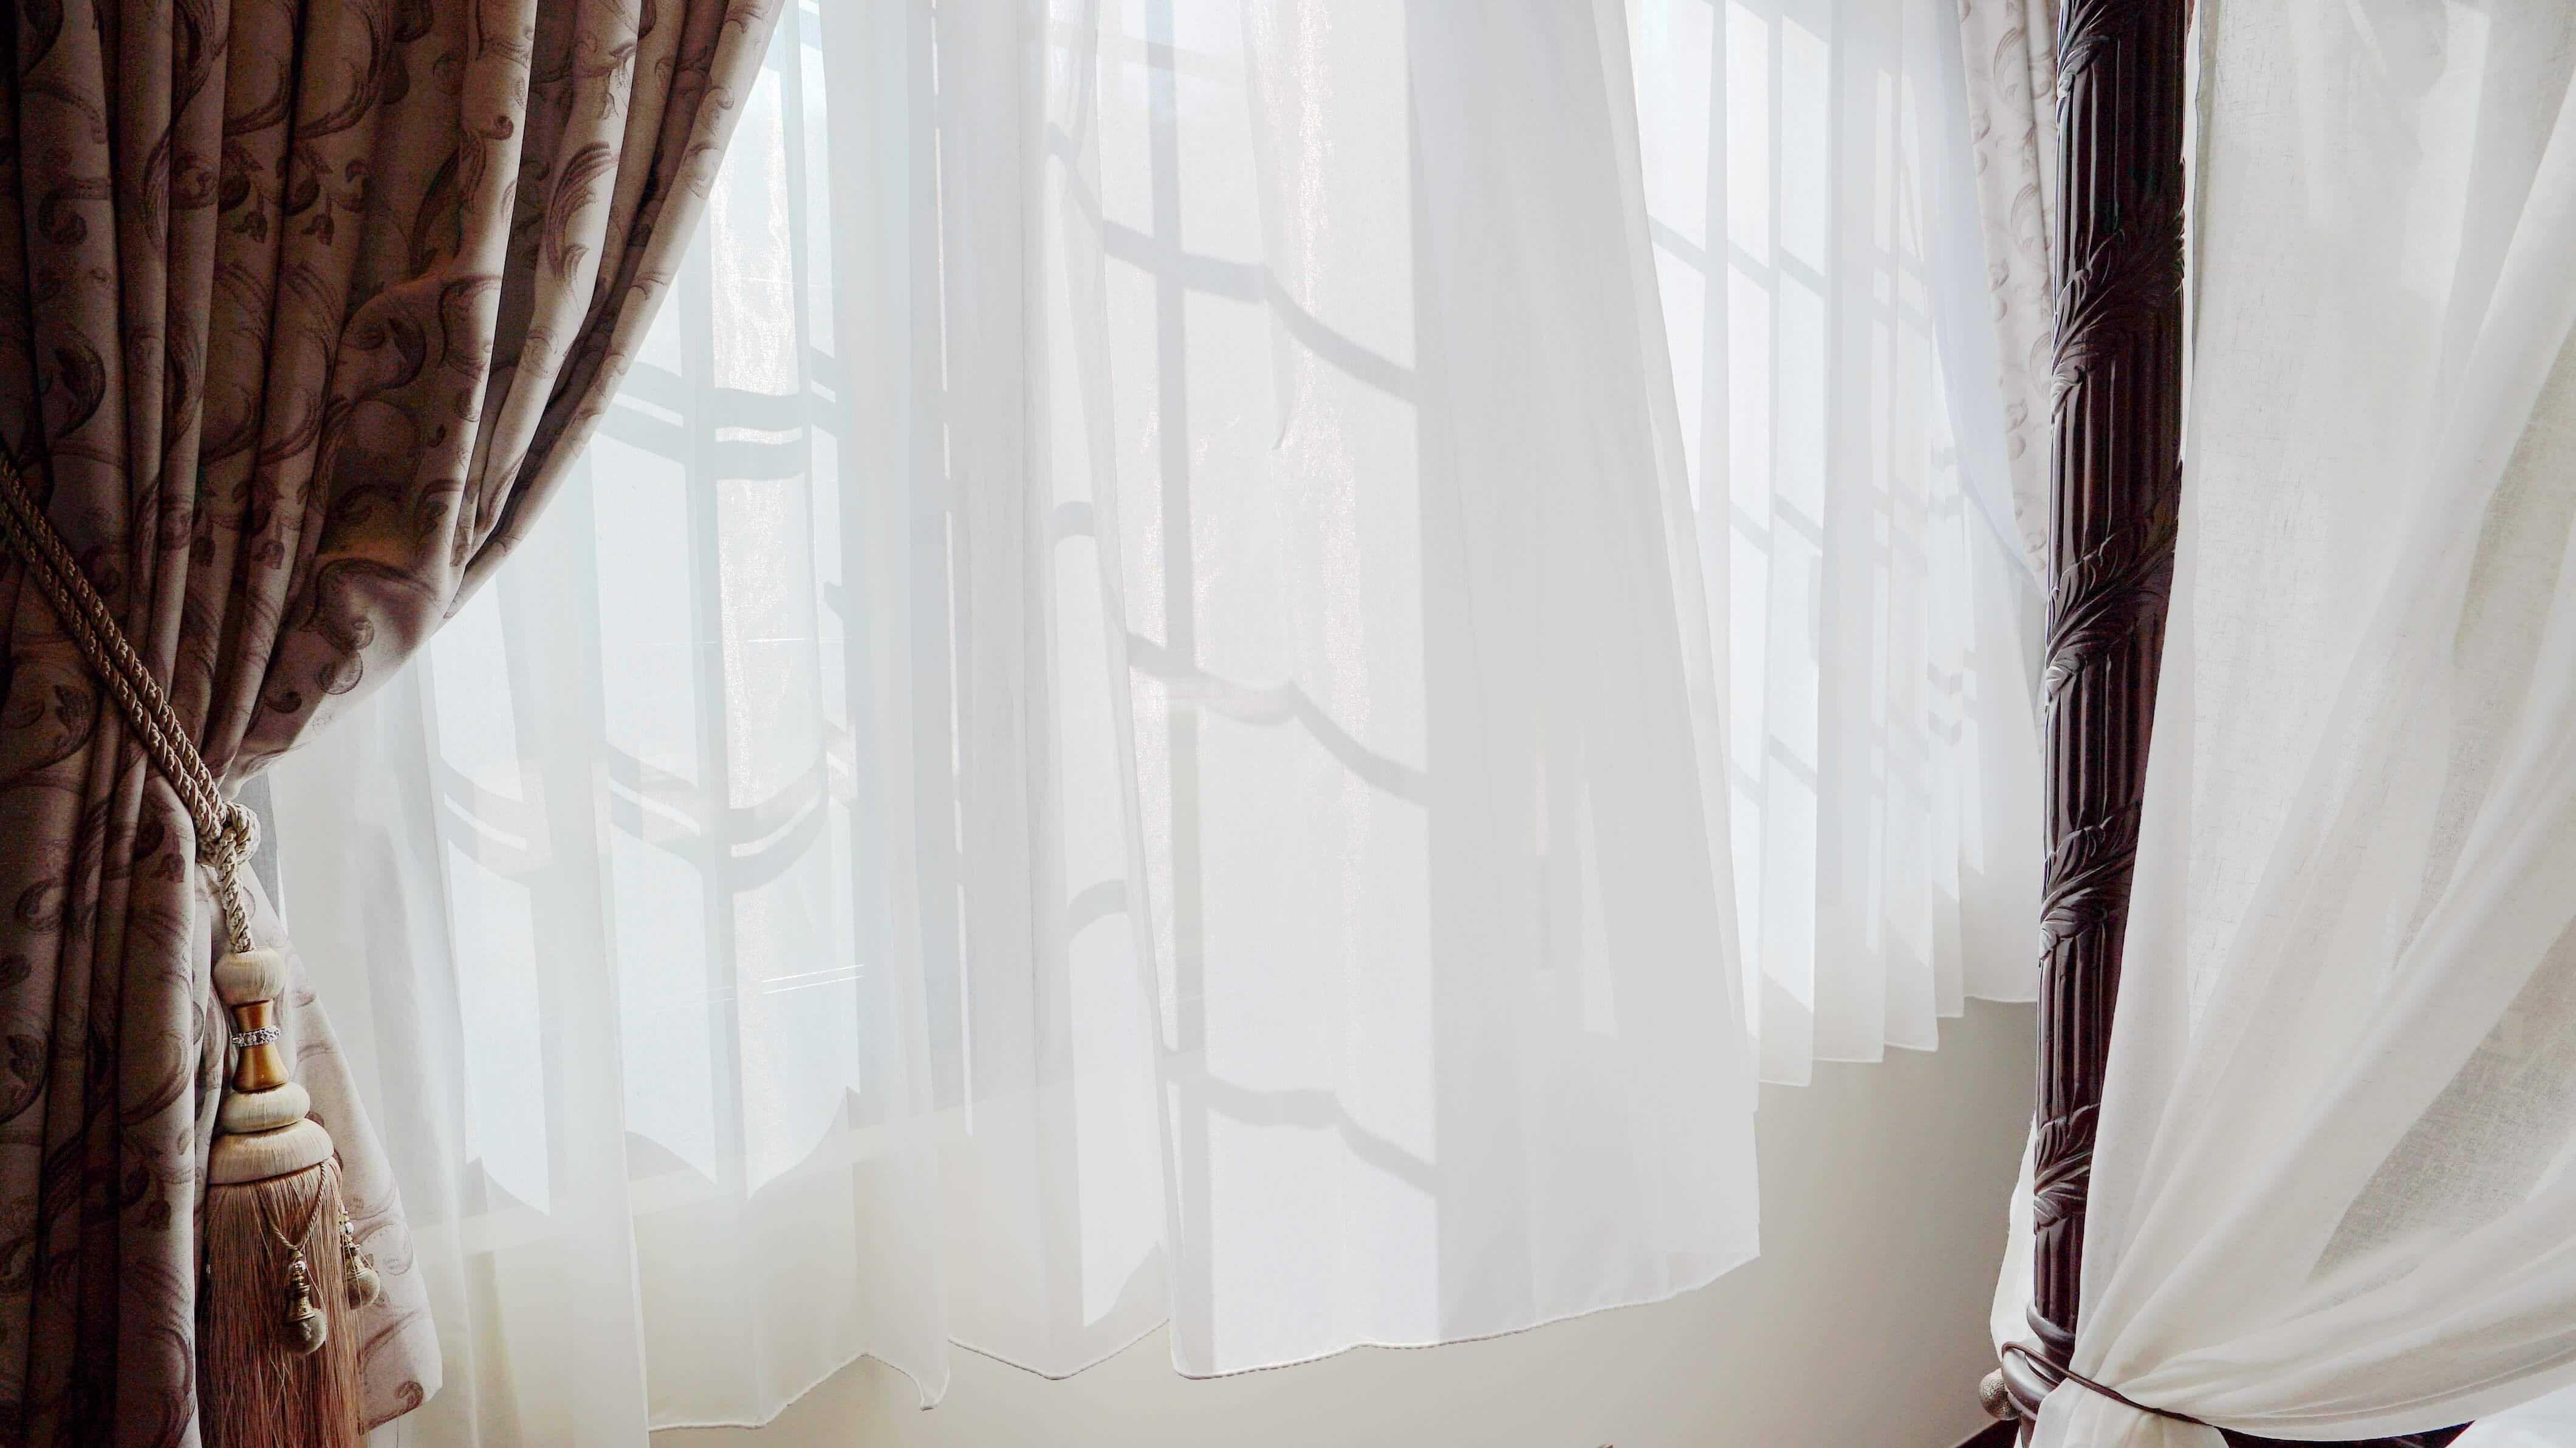 進口印花布 藝術軌 防焰進口紗 鄉村復古 民宿窗簾案例